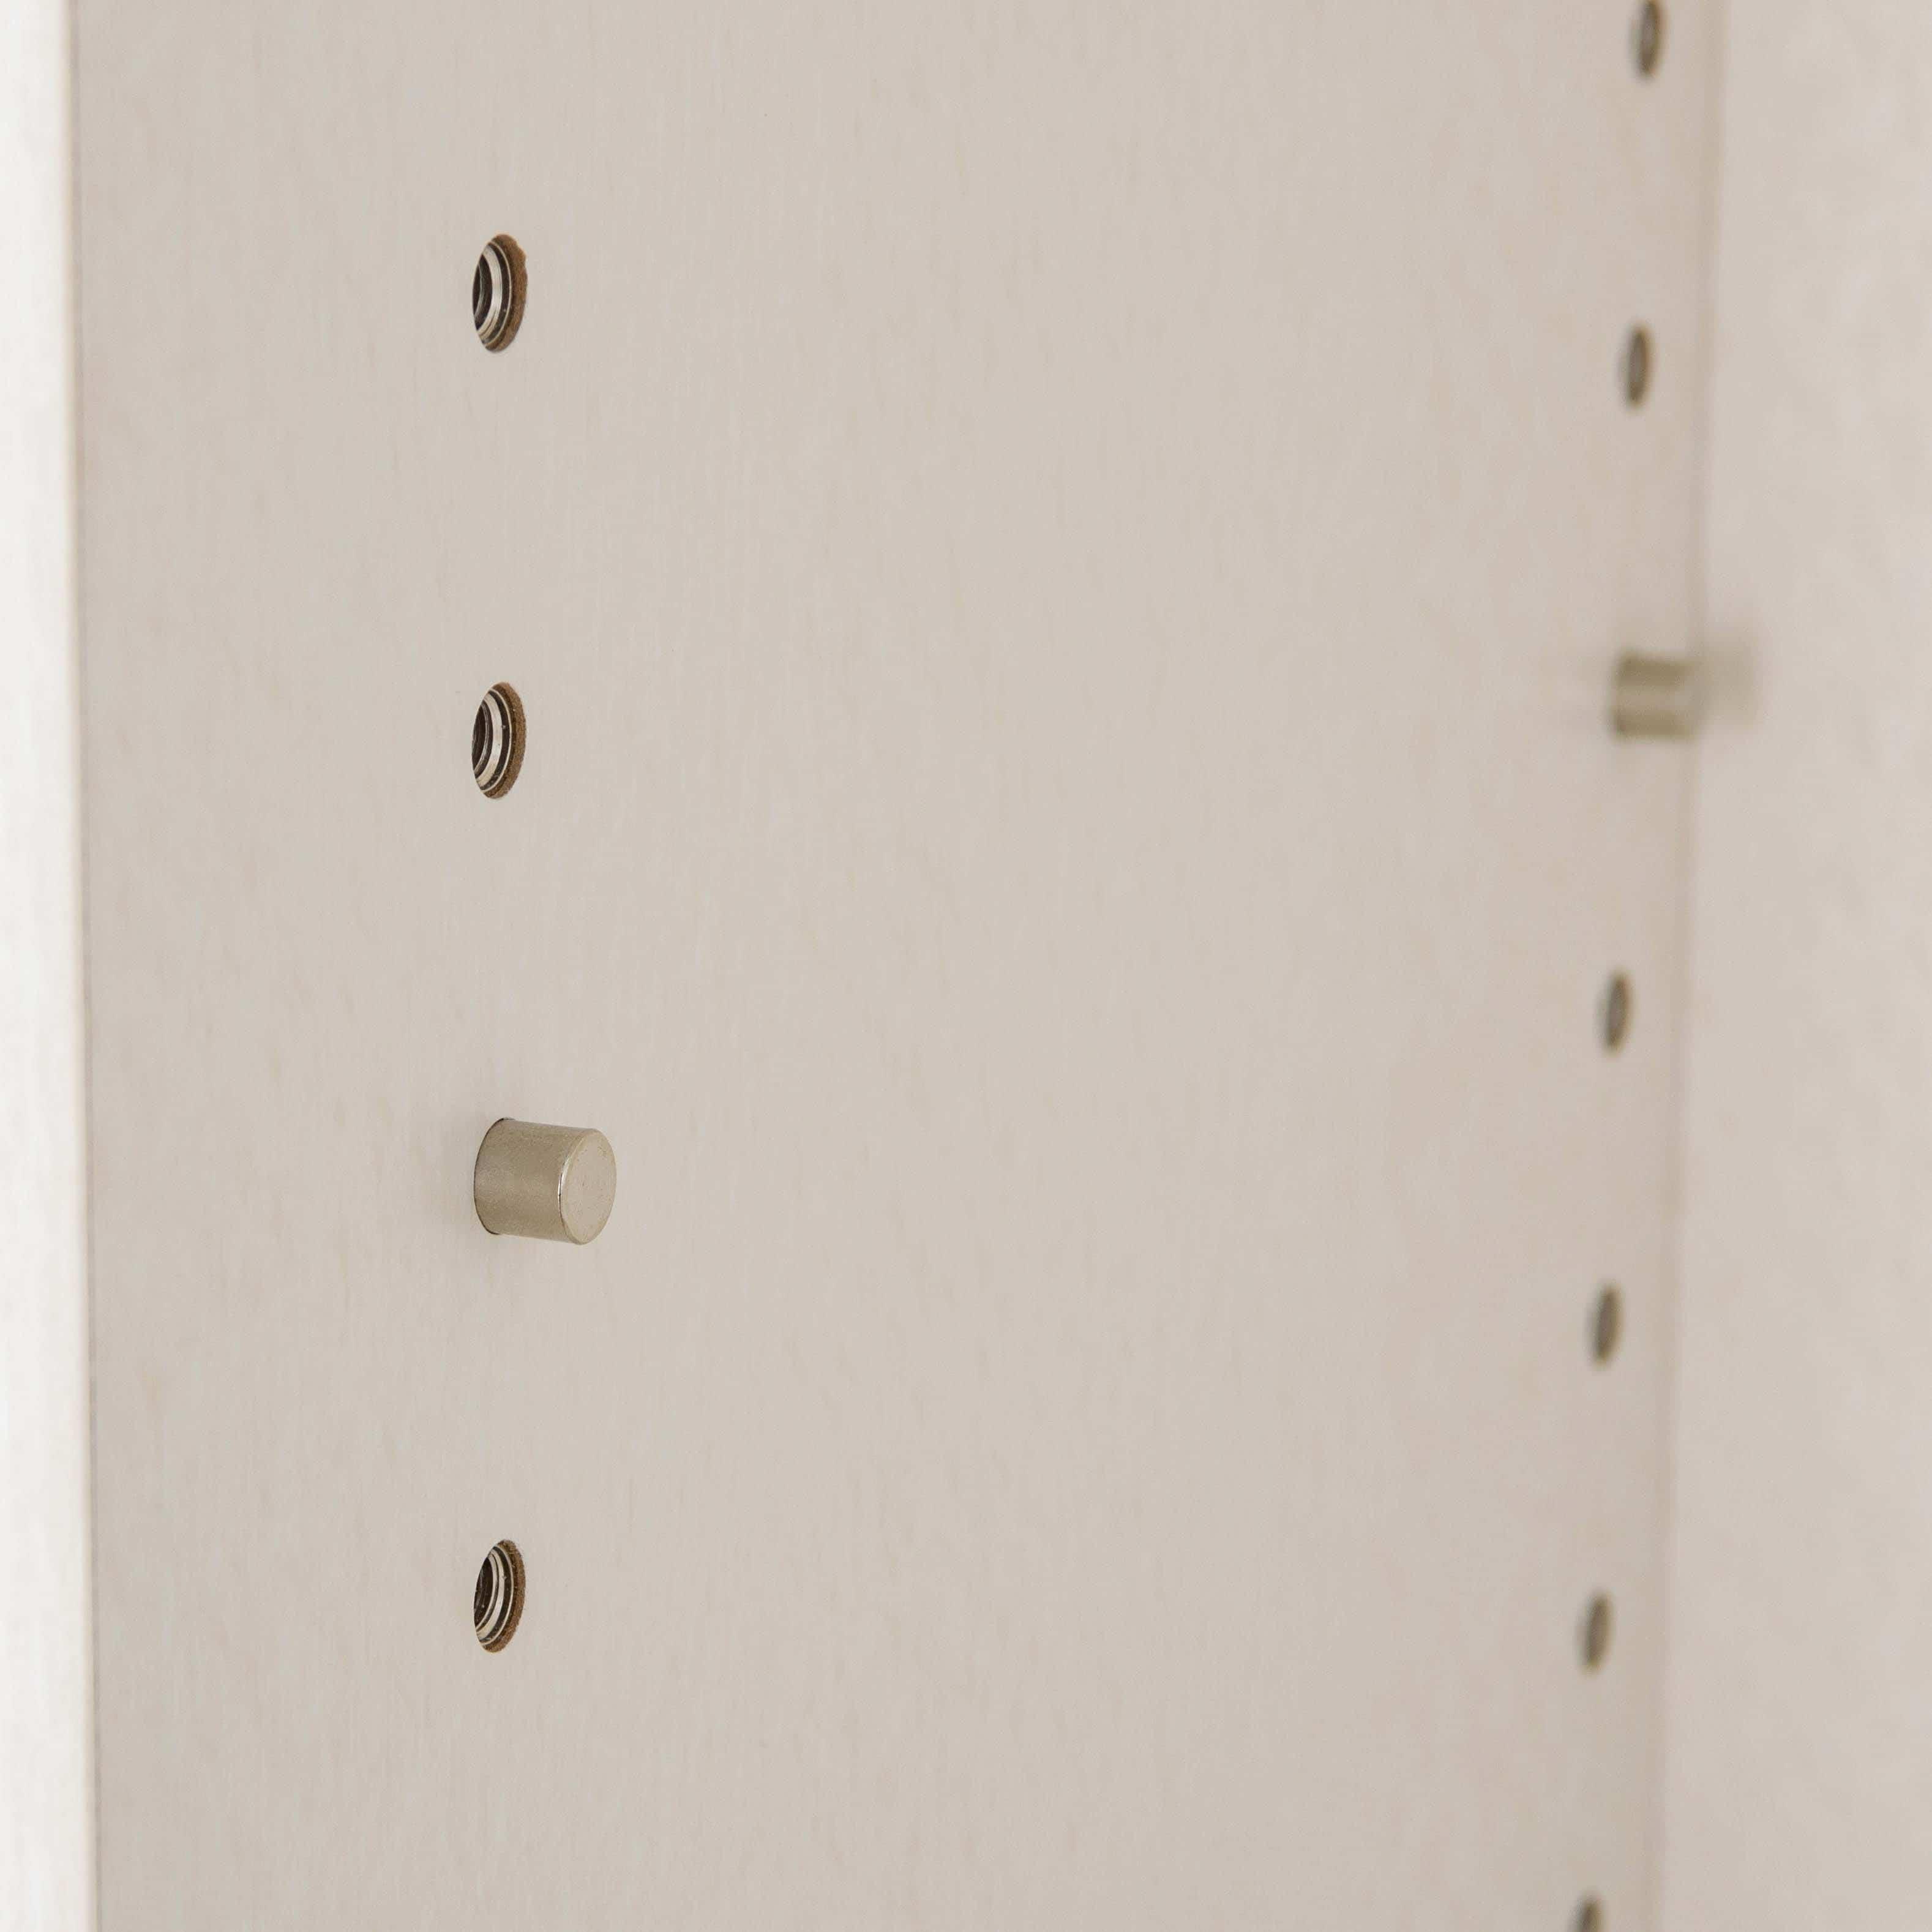 小島工芸 書棚 アコード85H(チェリーナチュラル):キレイに収まる魅せる収納